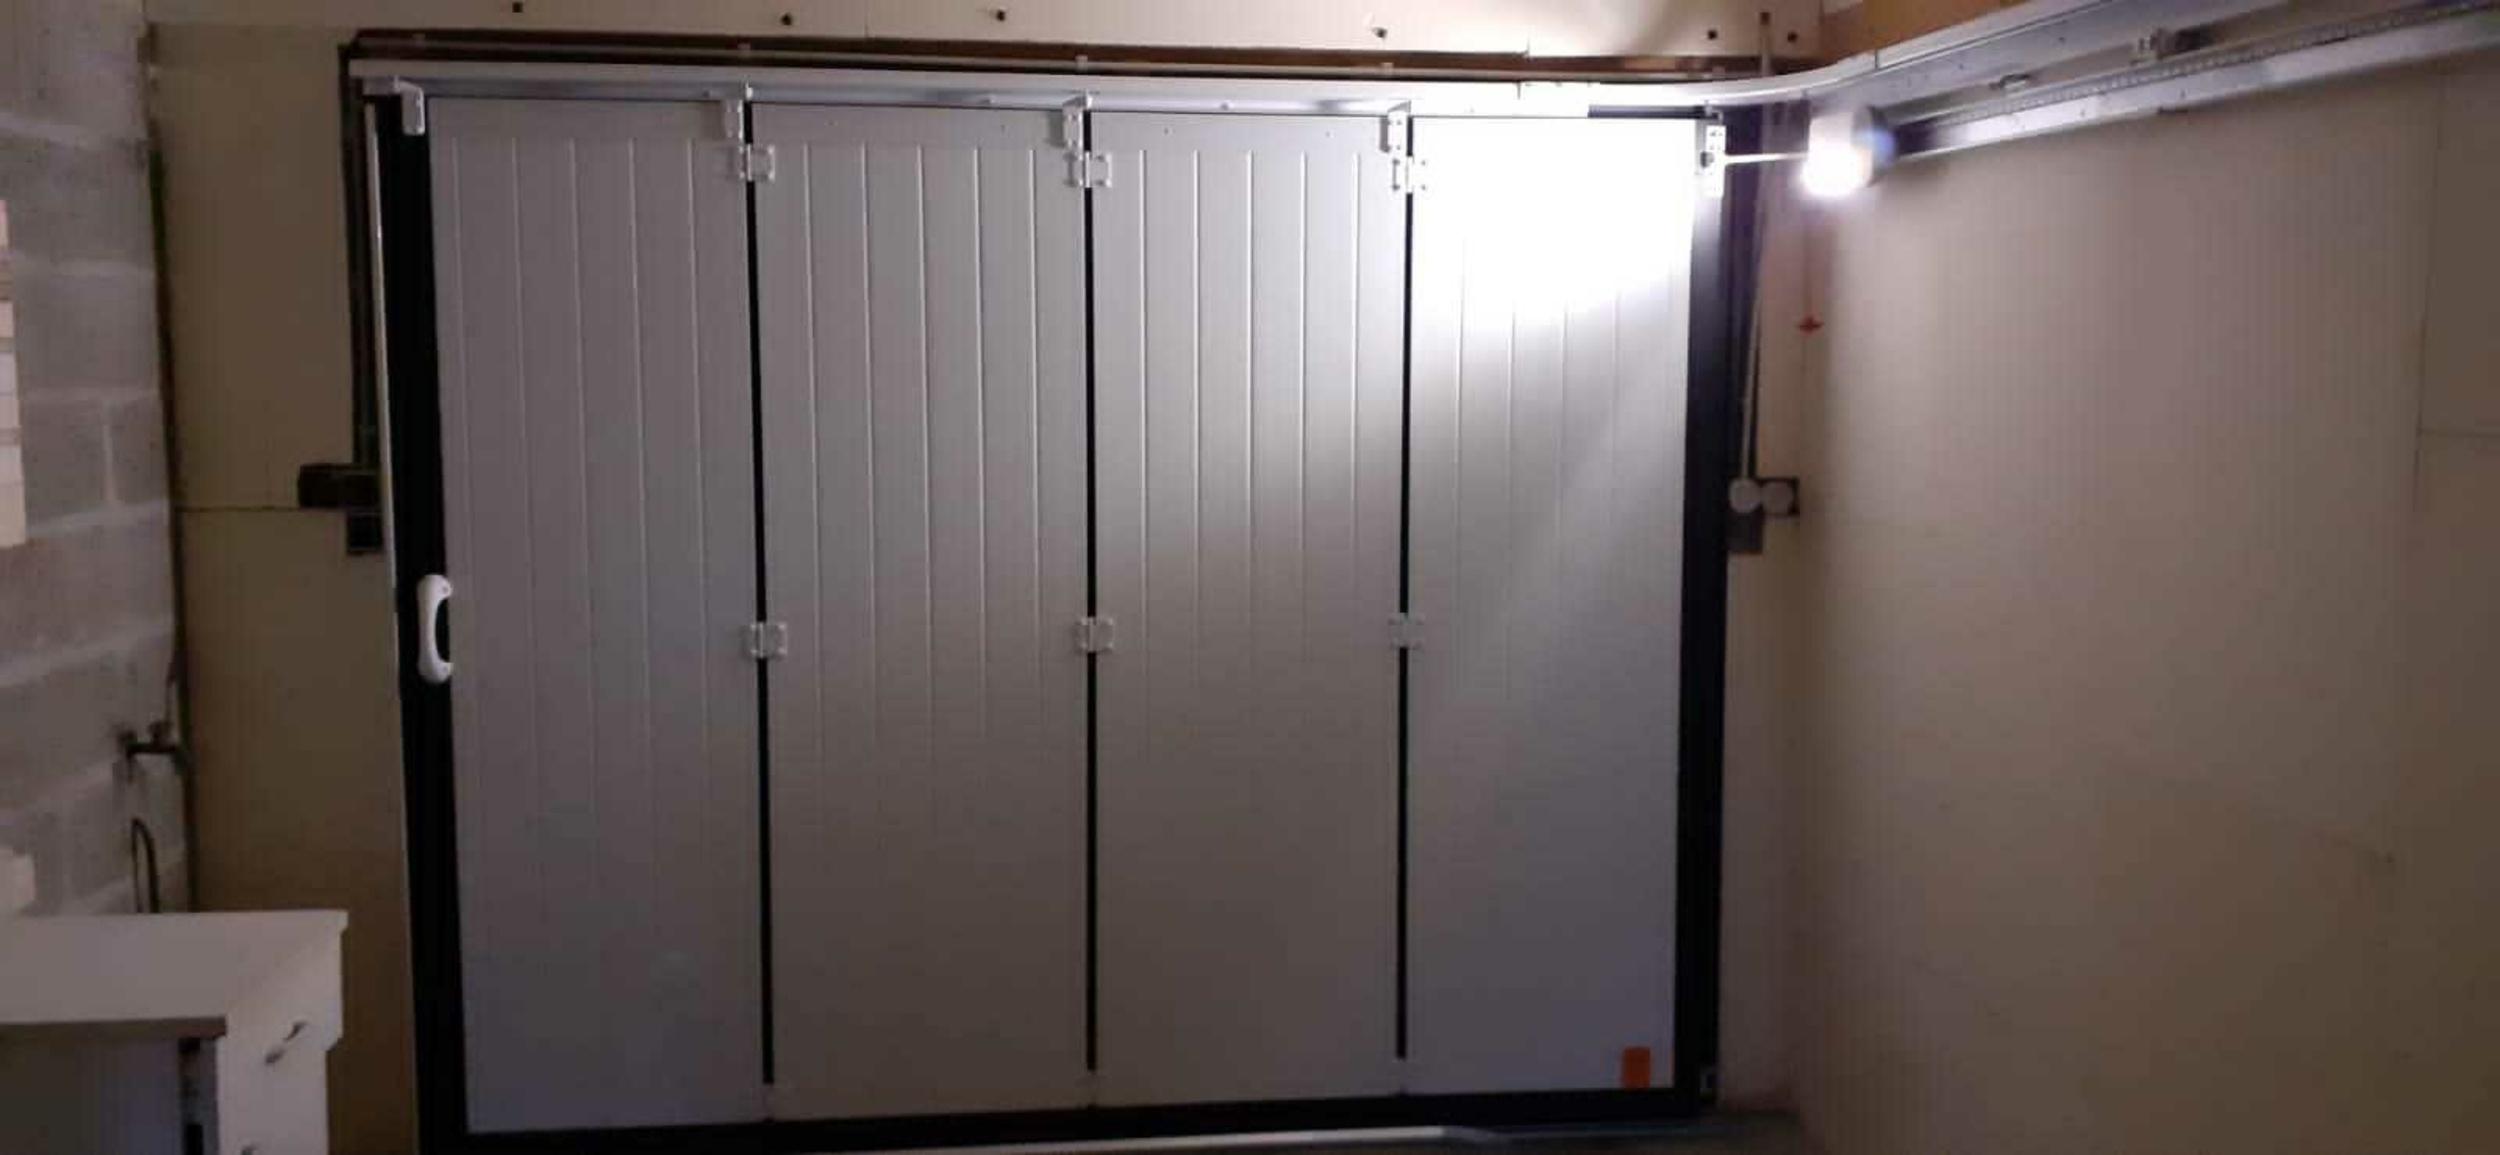 Porte de garage motorisée - 4 vantaux - Hennebont